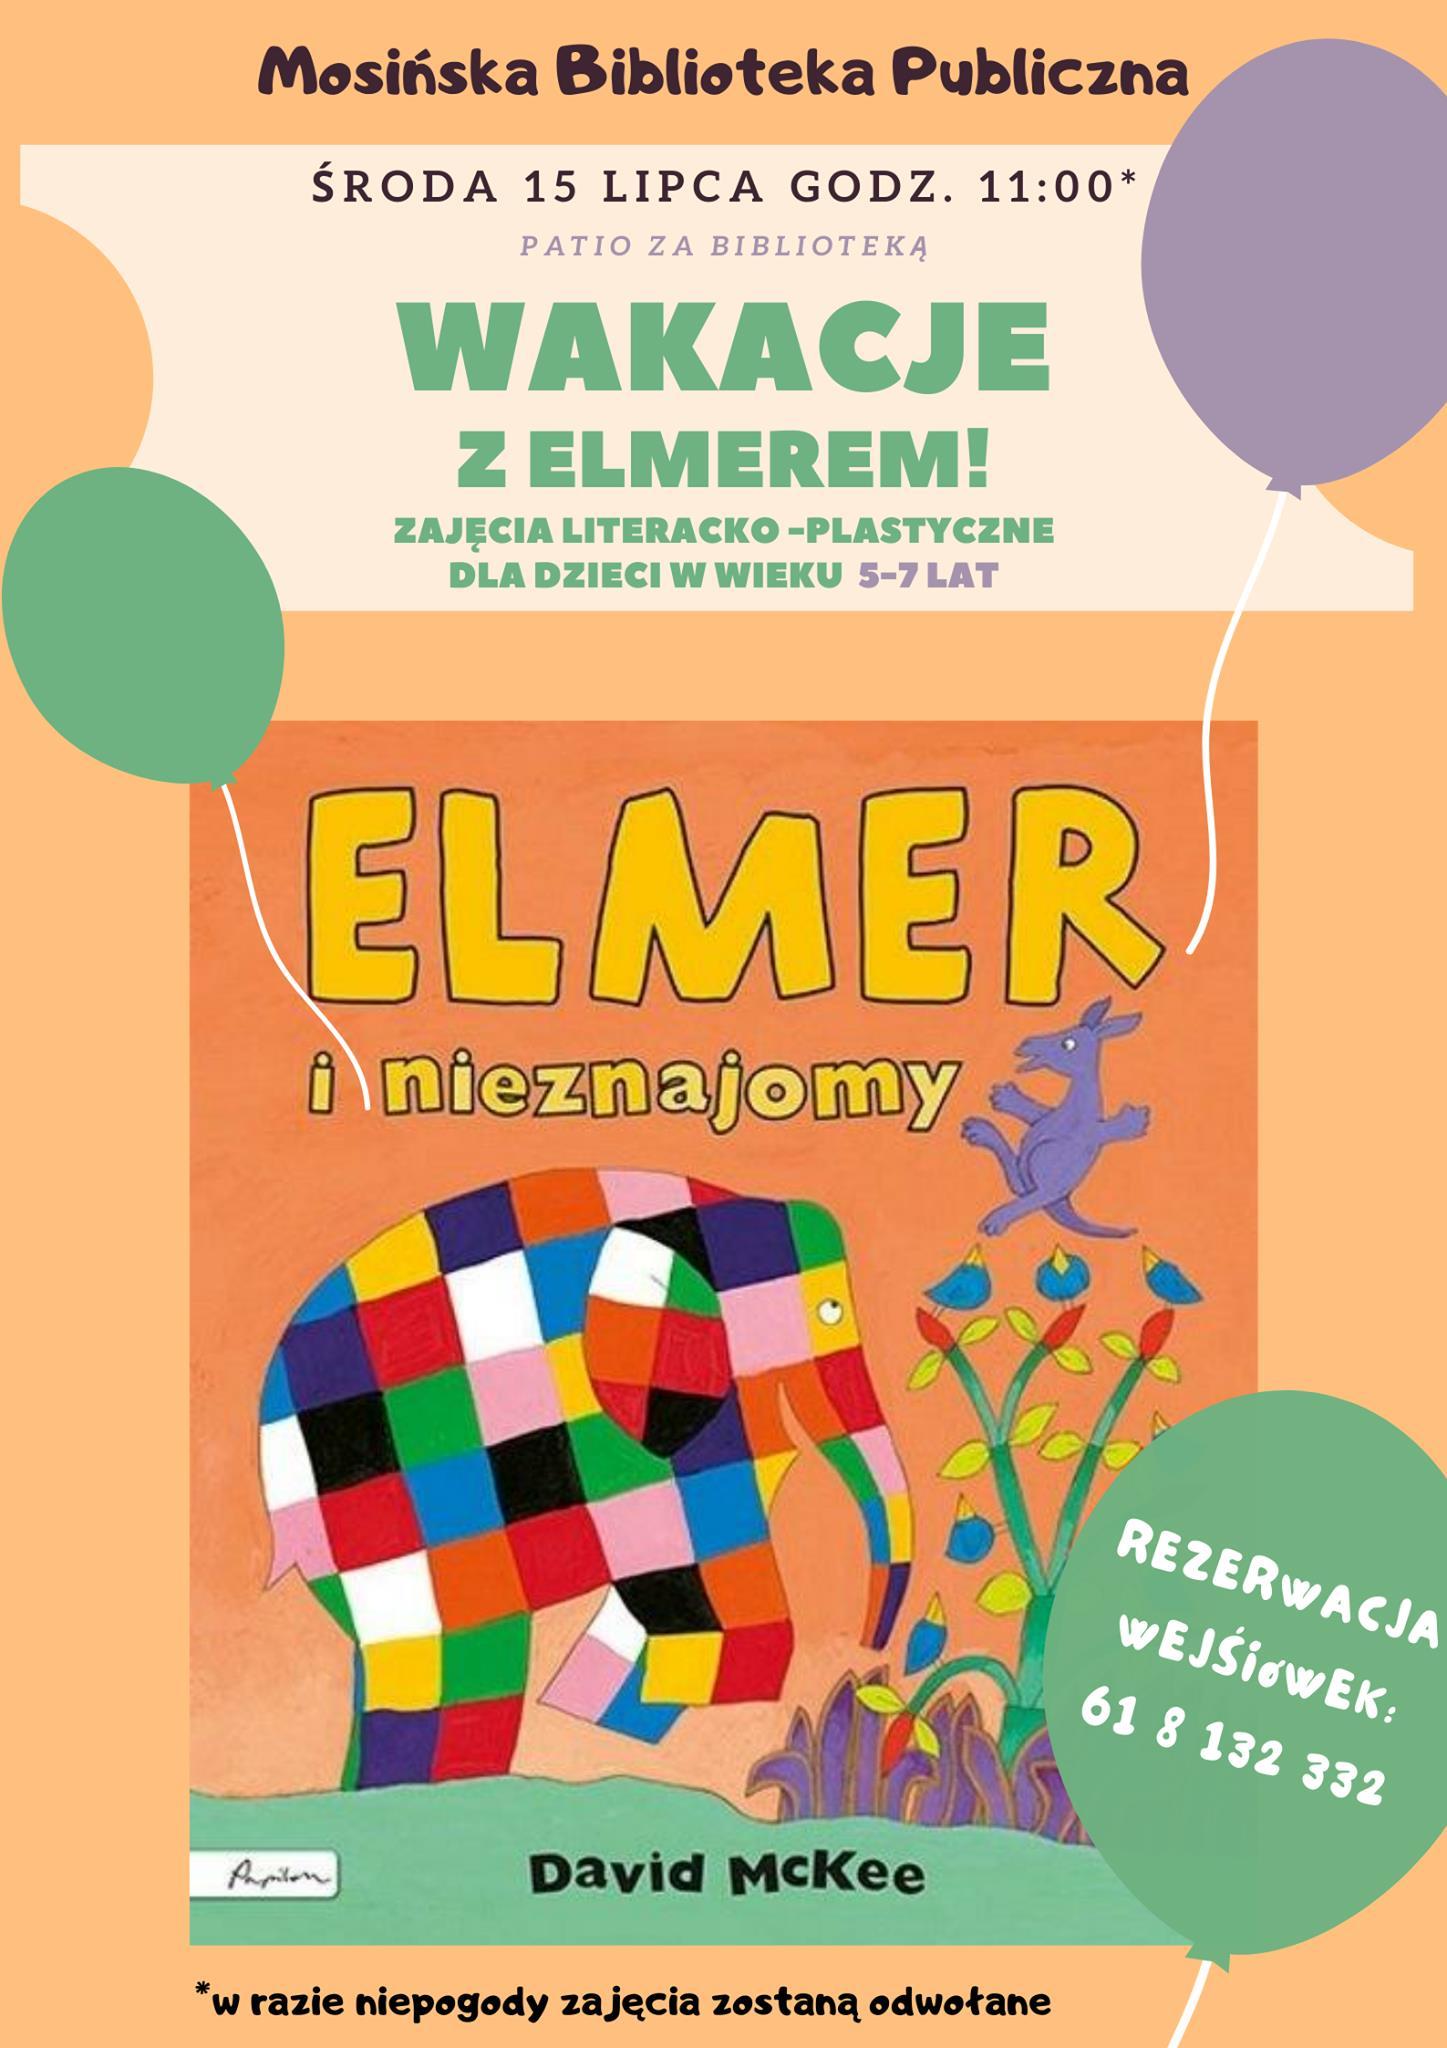 Wakacje z Elmerem